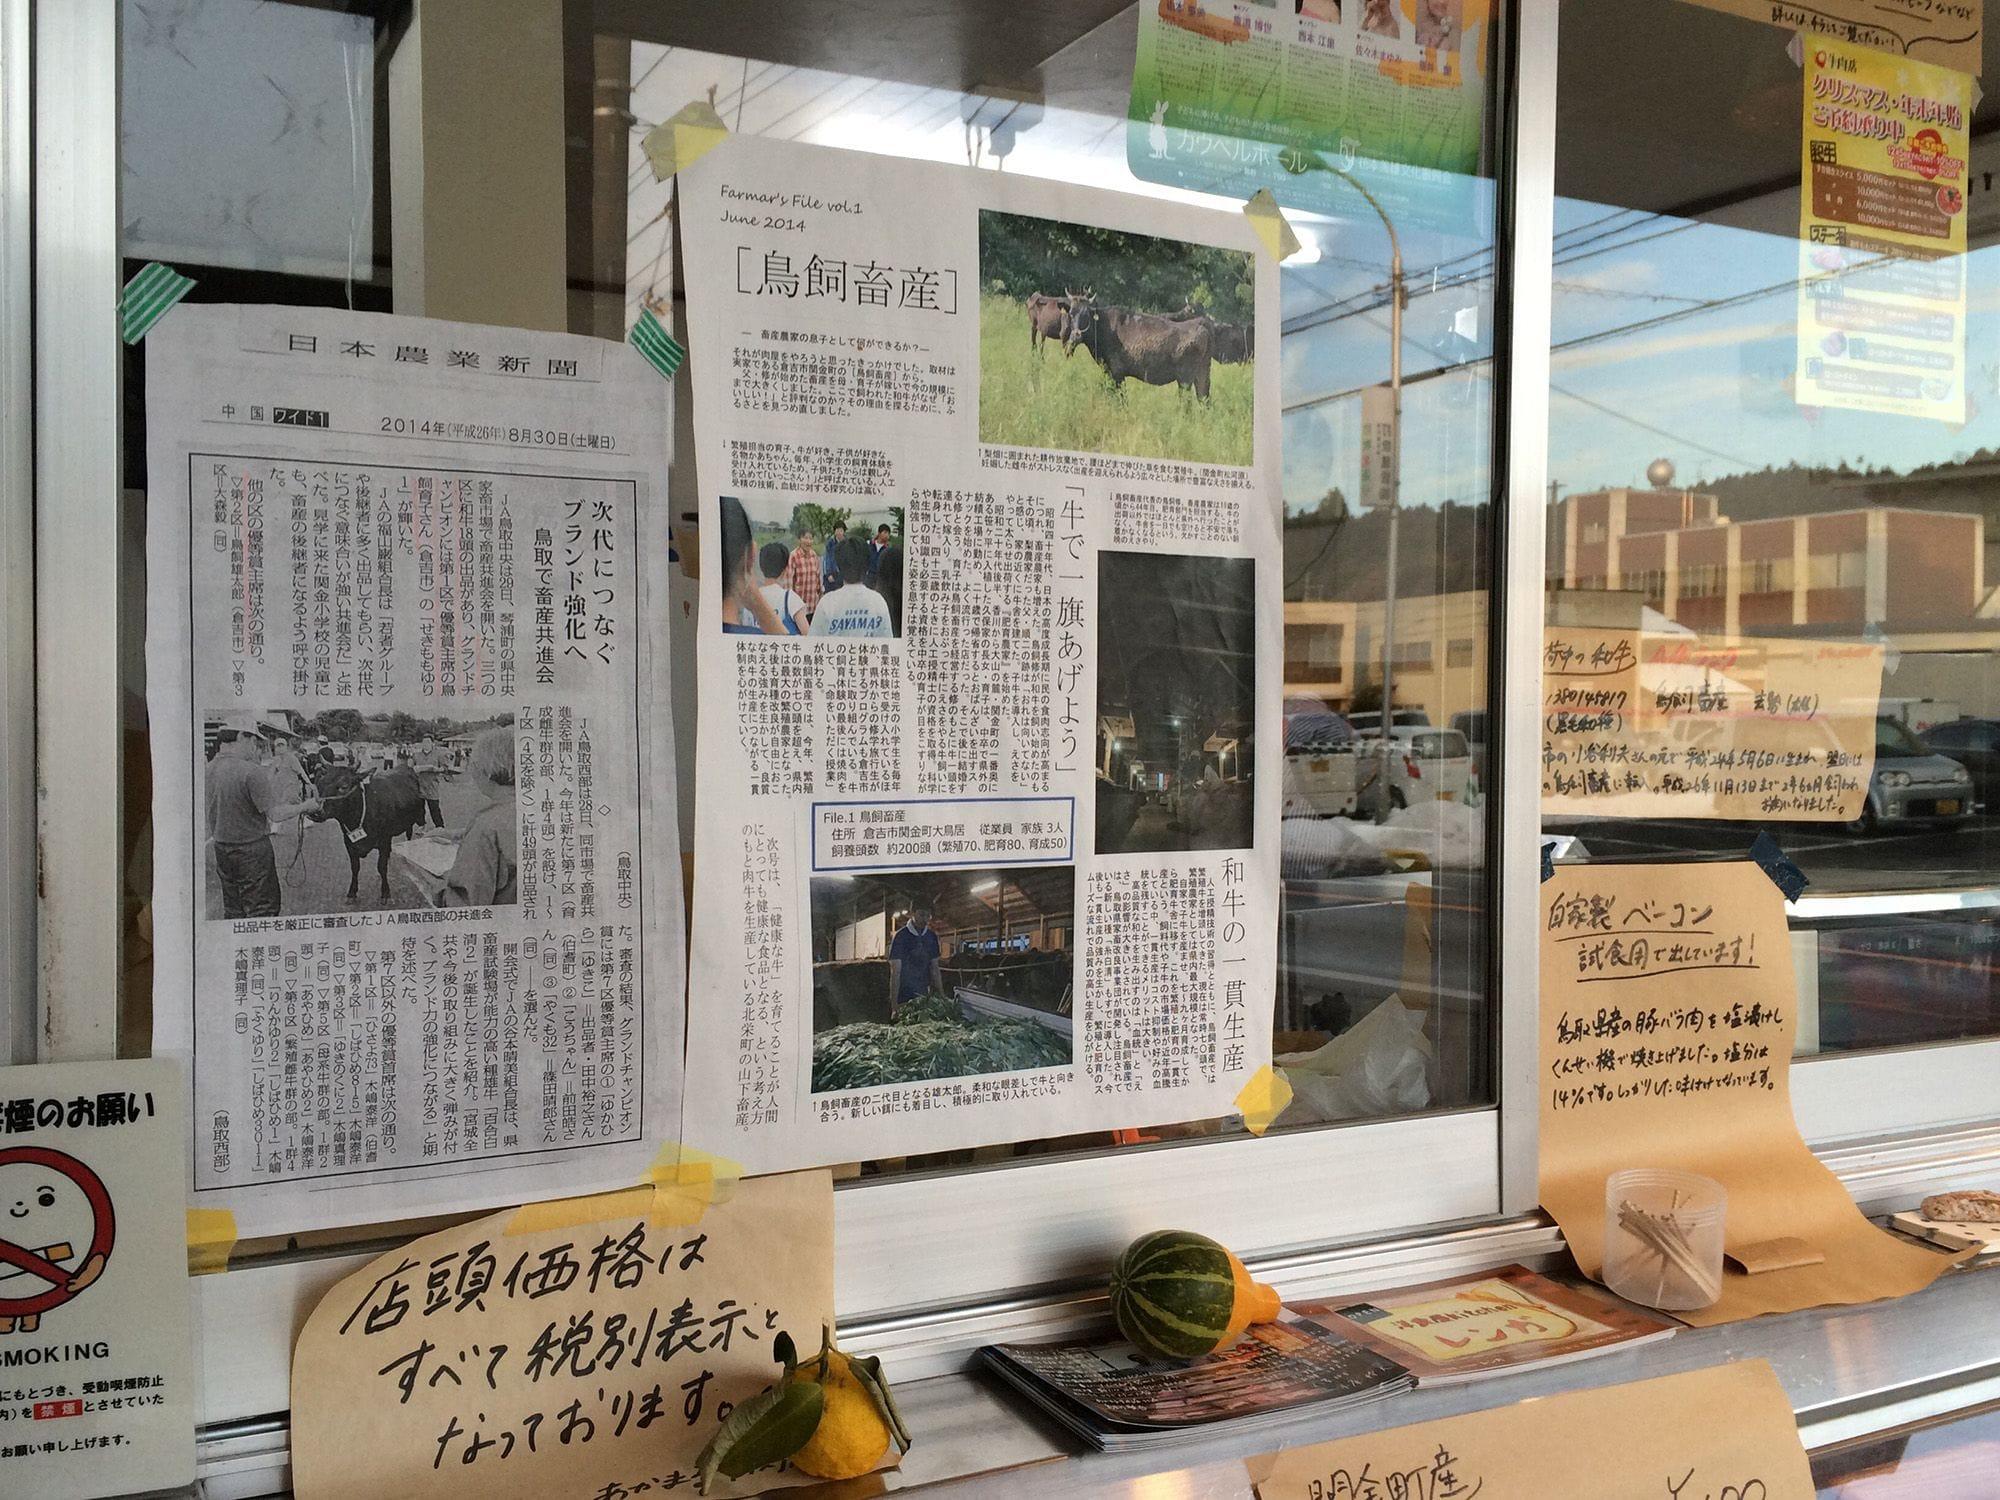 真ん中に貼られているのは、鳥飼さんが制作している新聞。一緒に、愛情がこもったたくさんの手書きのお知らせも。